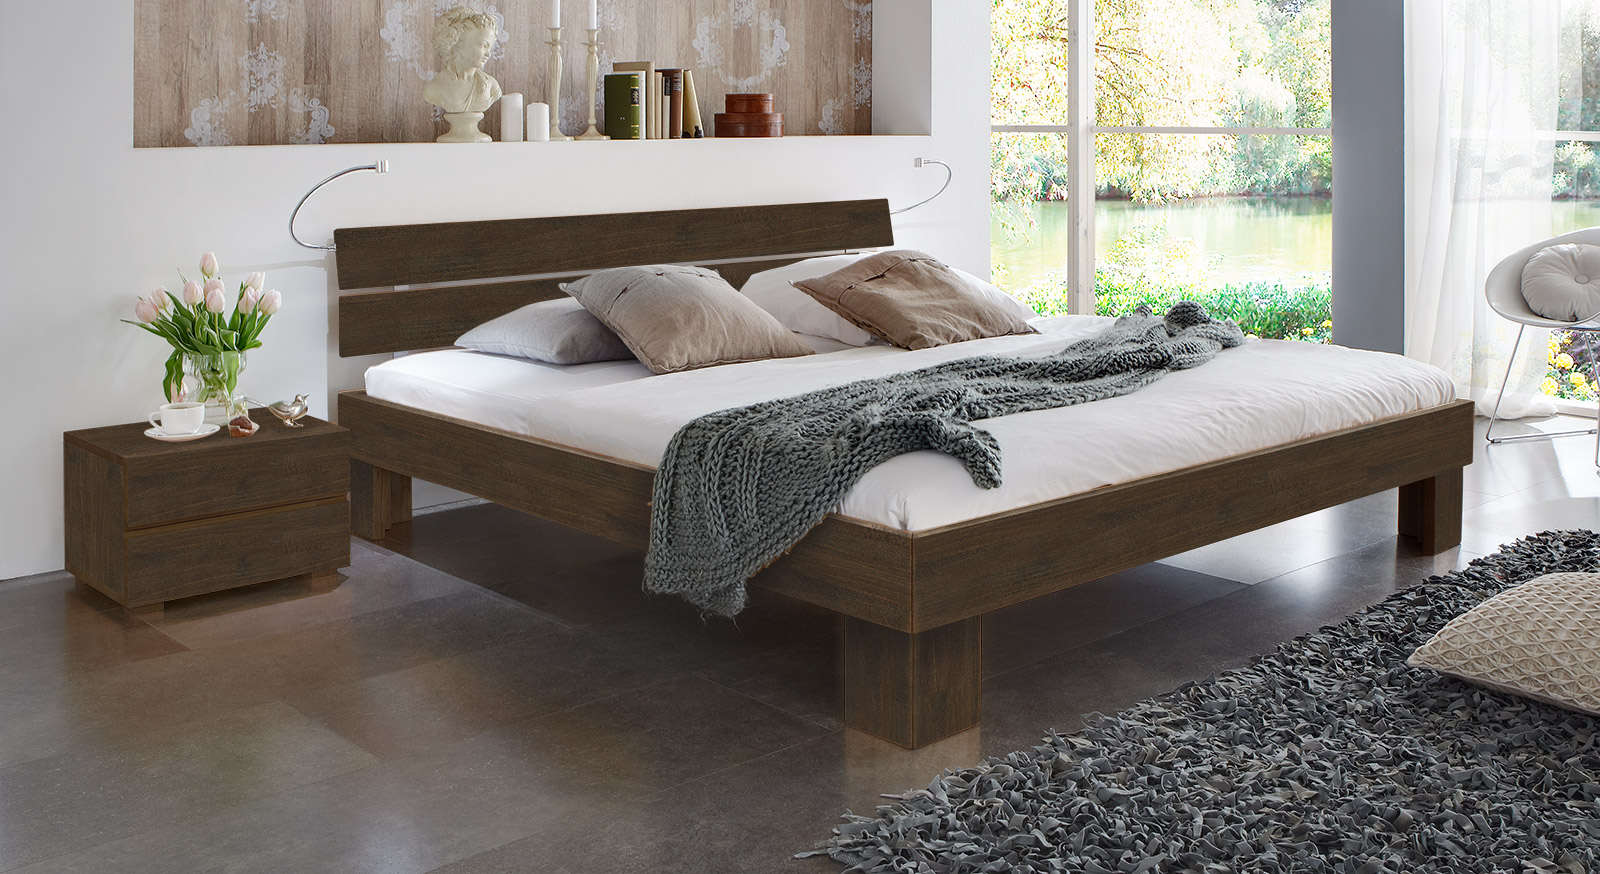 Bett Lucca Komfort in Buche wenge mit einer Fußhöhe von 25cm